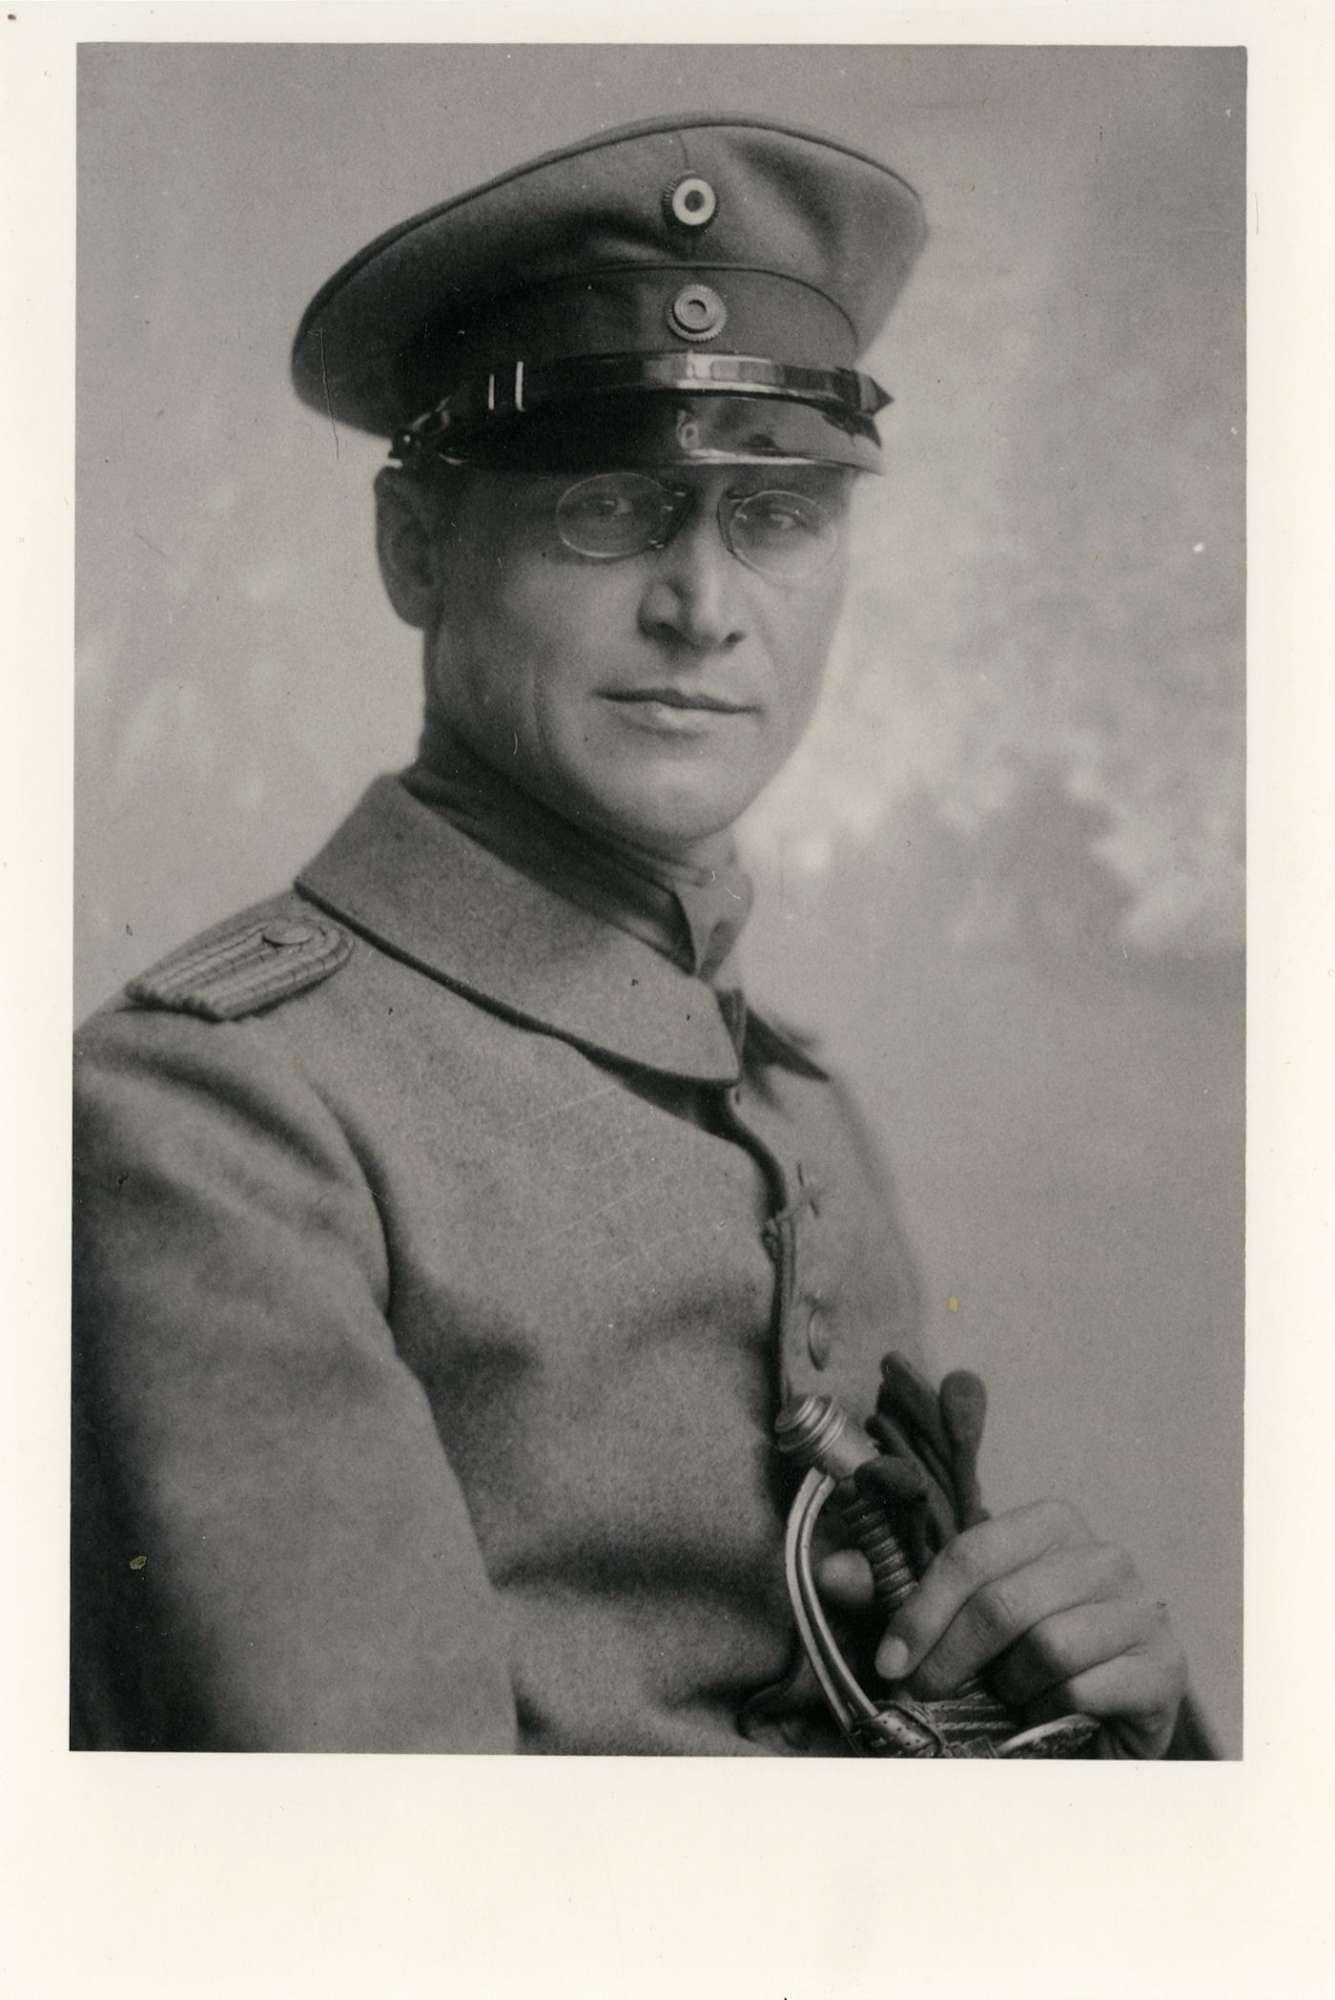 Rösch, Max Georg, Bild 1